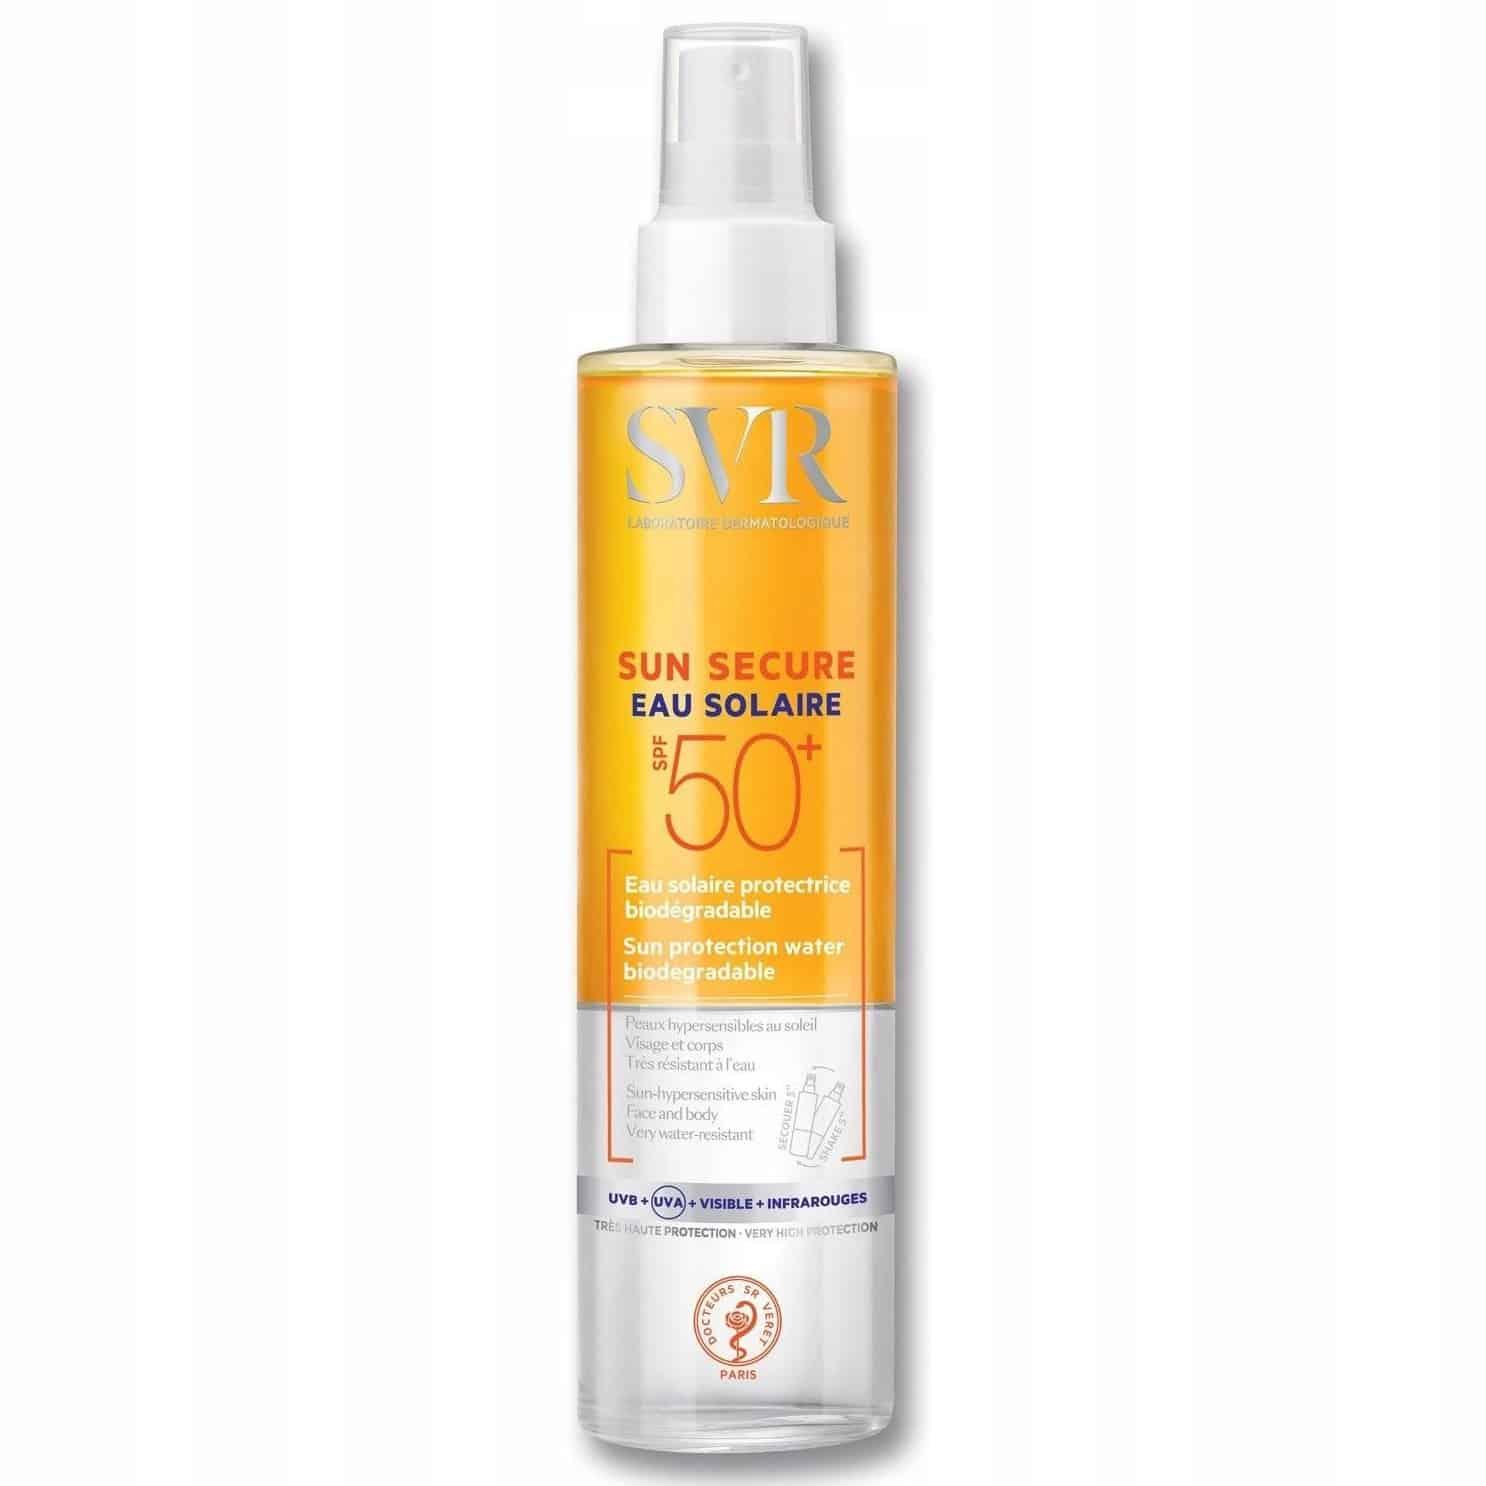 SVR Sun Secure Eau Solaire, ochronny spray przeciwsłoneczny SPF50+, Matka Aptekarka